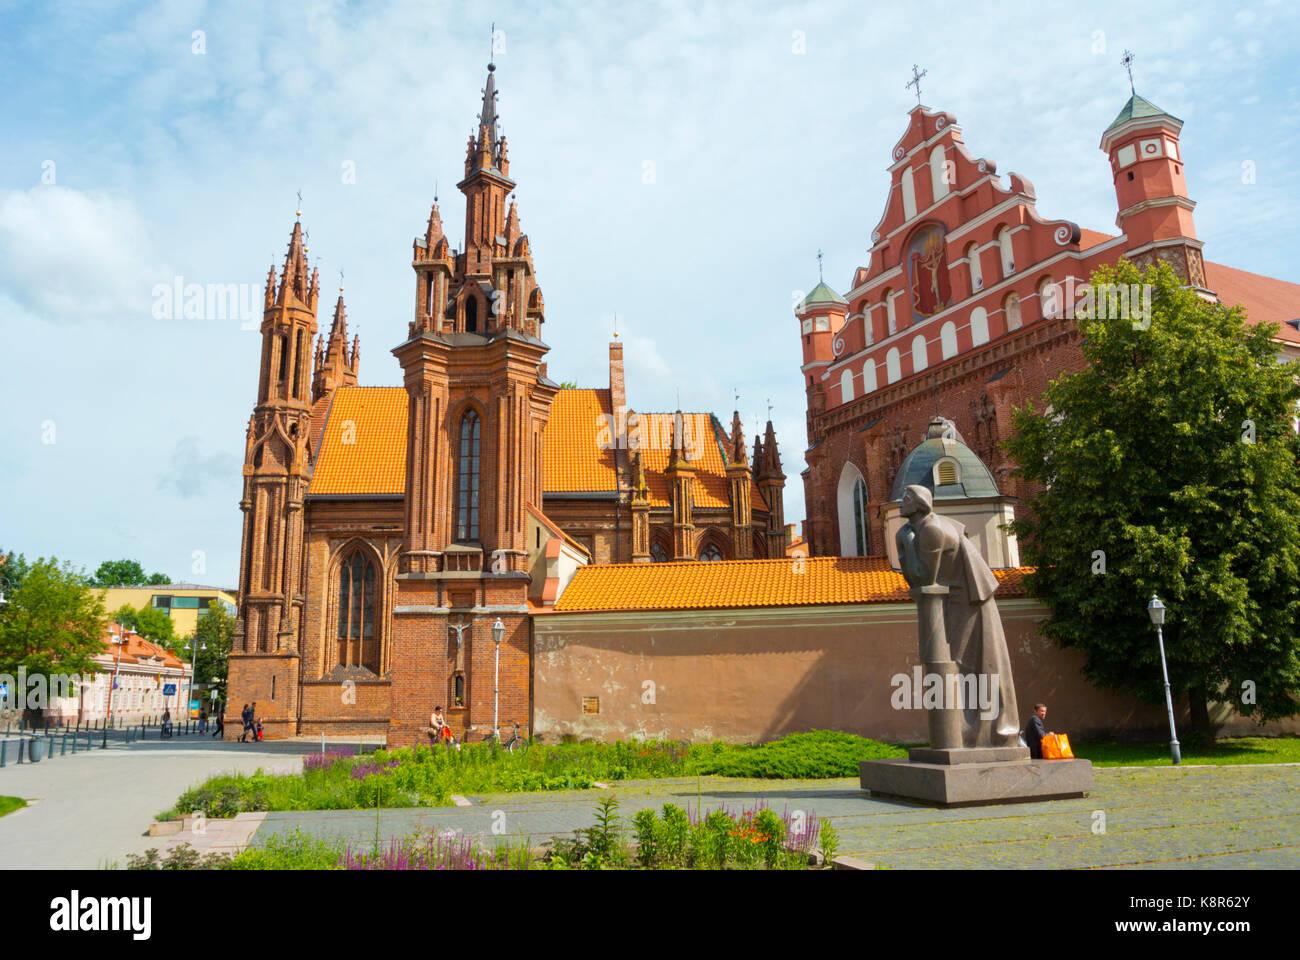 Vilniaus Sv Onos baznycia, Saint Anne's church, Gothic style Catholic church, Vilnius, Lithuania - Stock Image